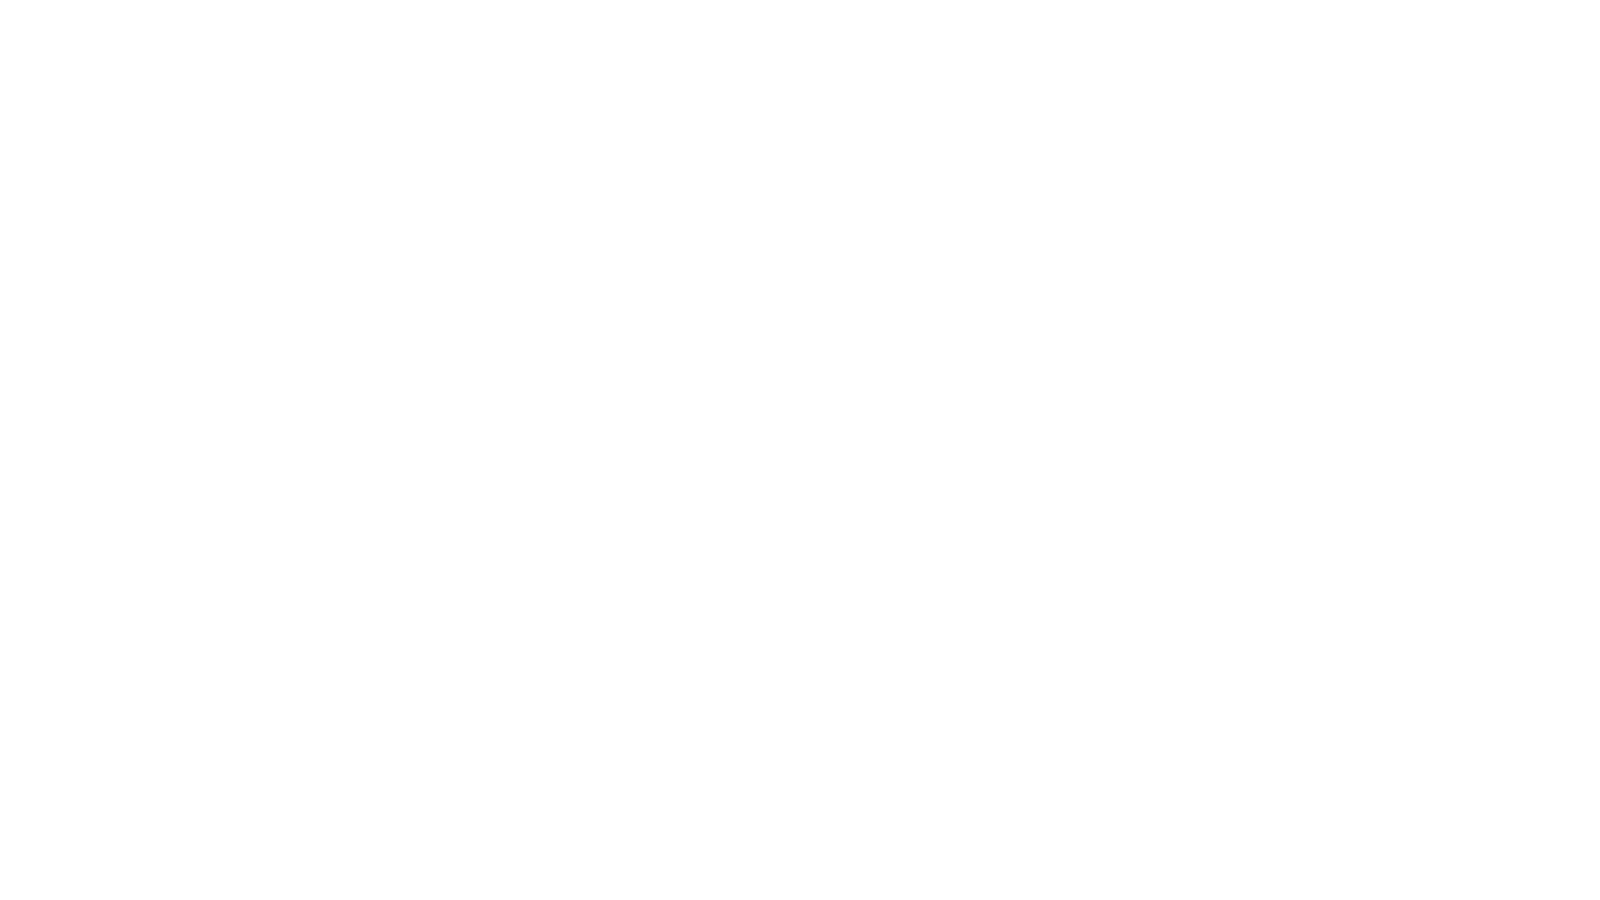 """Primeira edição da rubrica """"Gente do Ar"""" com o sócio Luis Santos, conhecido por todos como Nini. Produção AeCP Pedro Carvalho  Renato Alegre  Martim Baptista"""